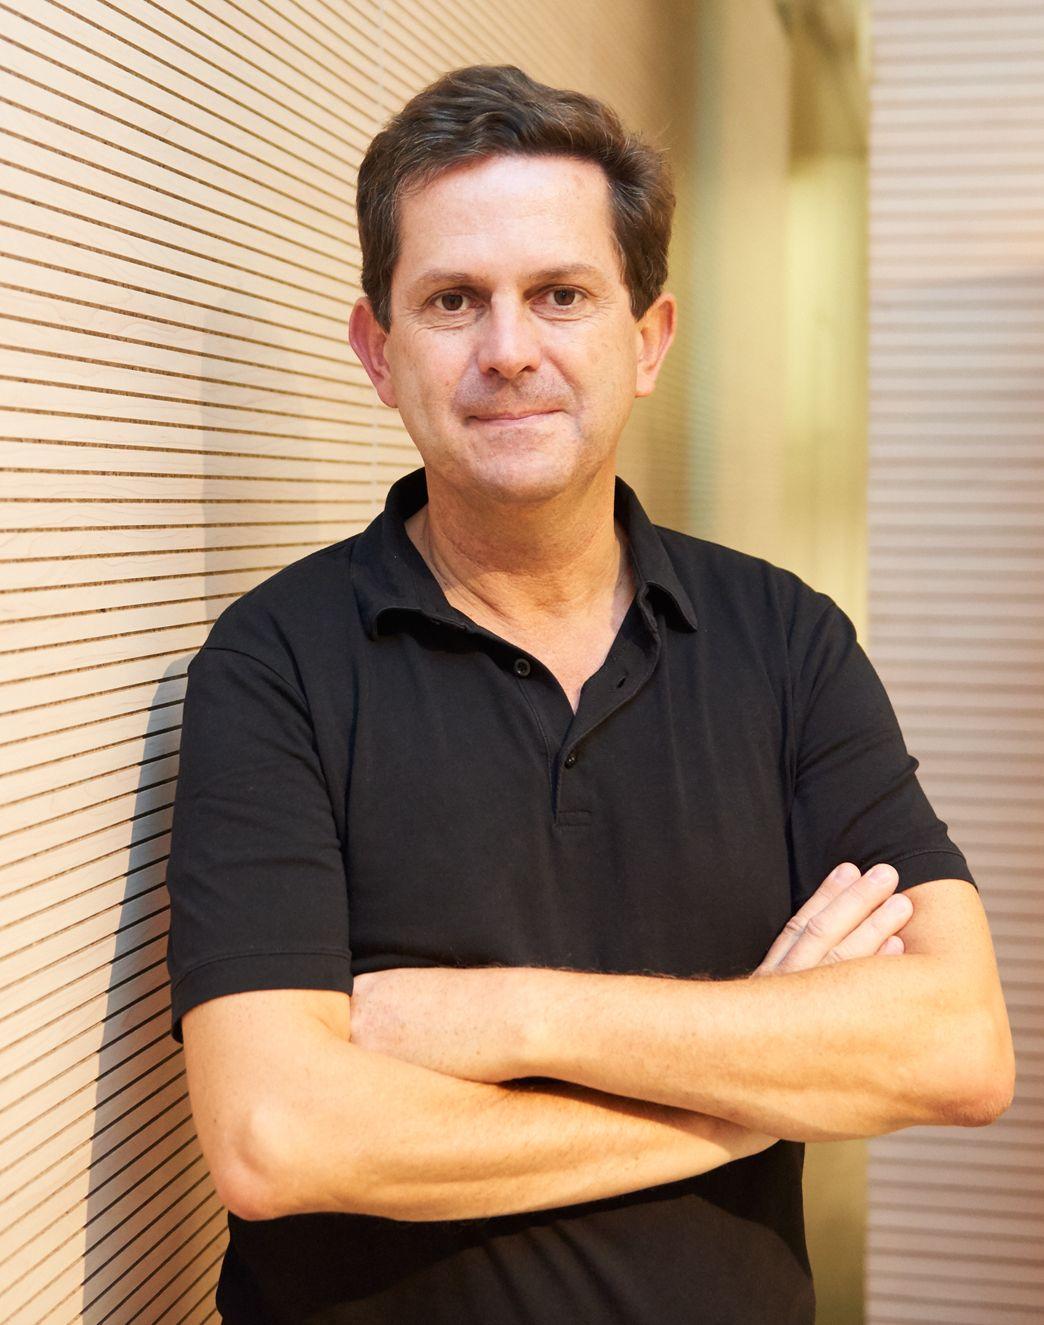 Pedro Strecht